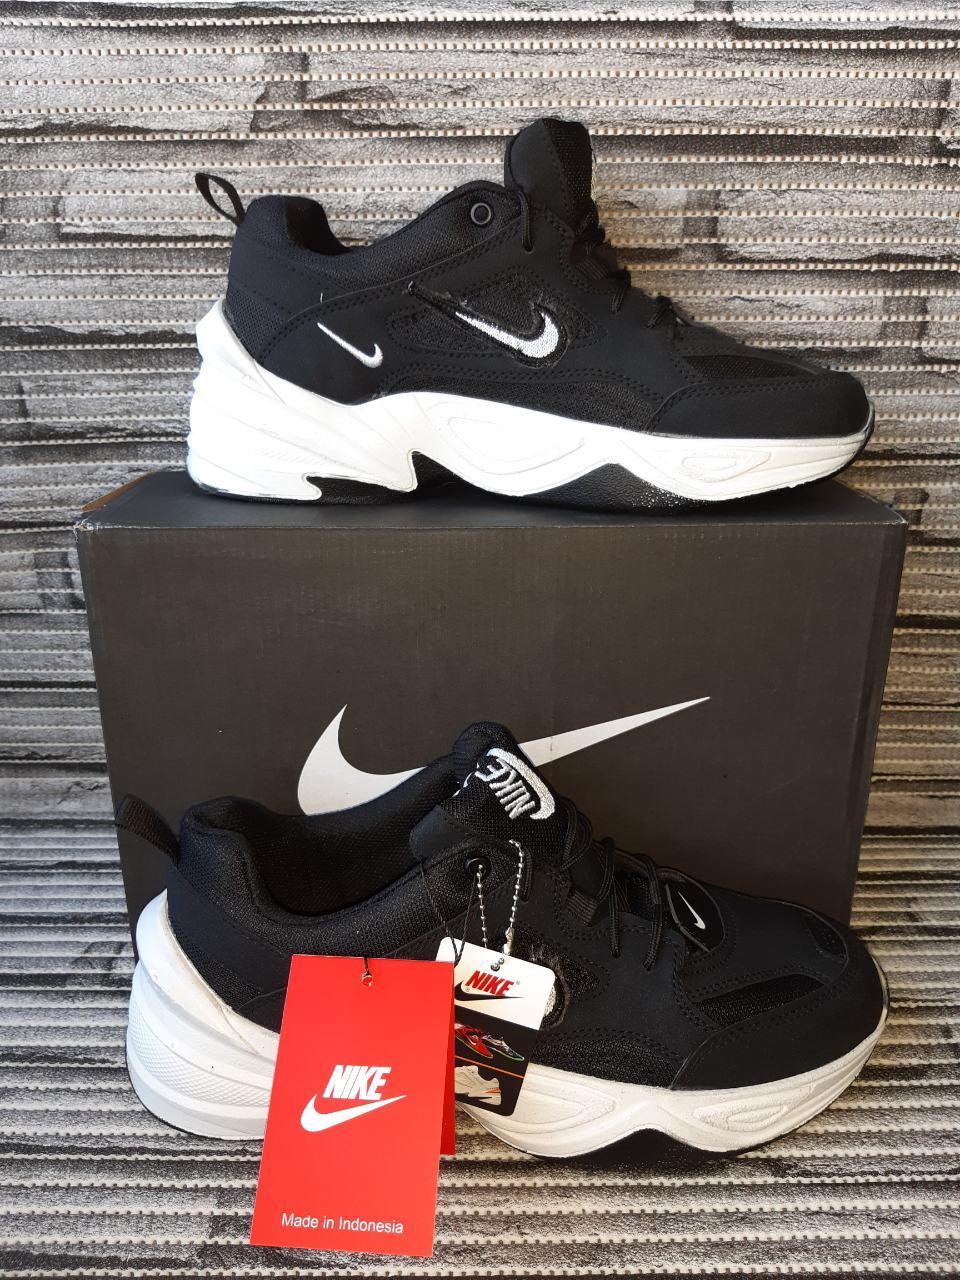 Мужские кроссовки Nike AIR Tekno. Фирменные демисезонные беговые кроссовки.